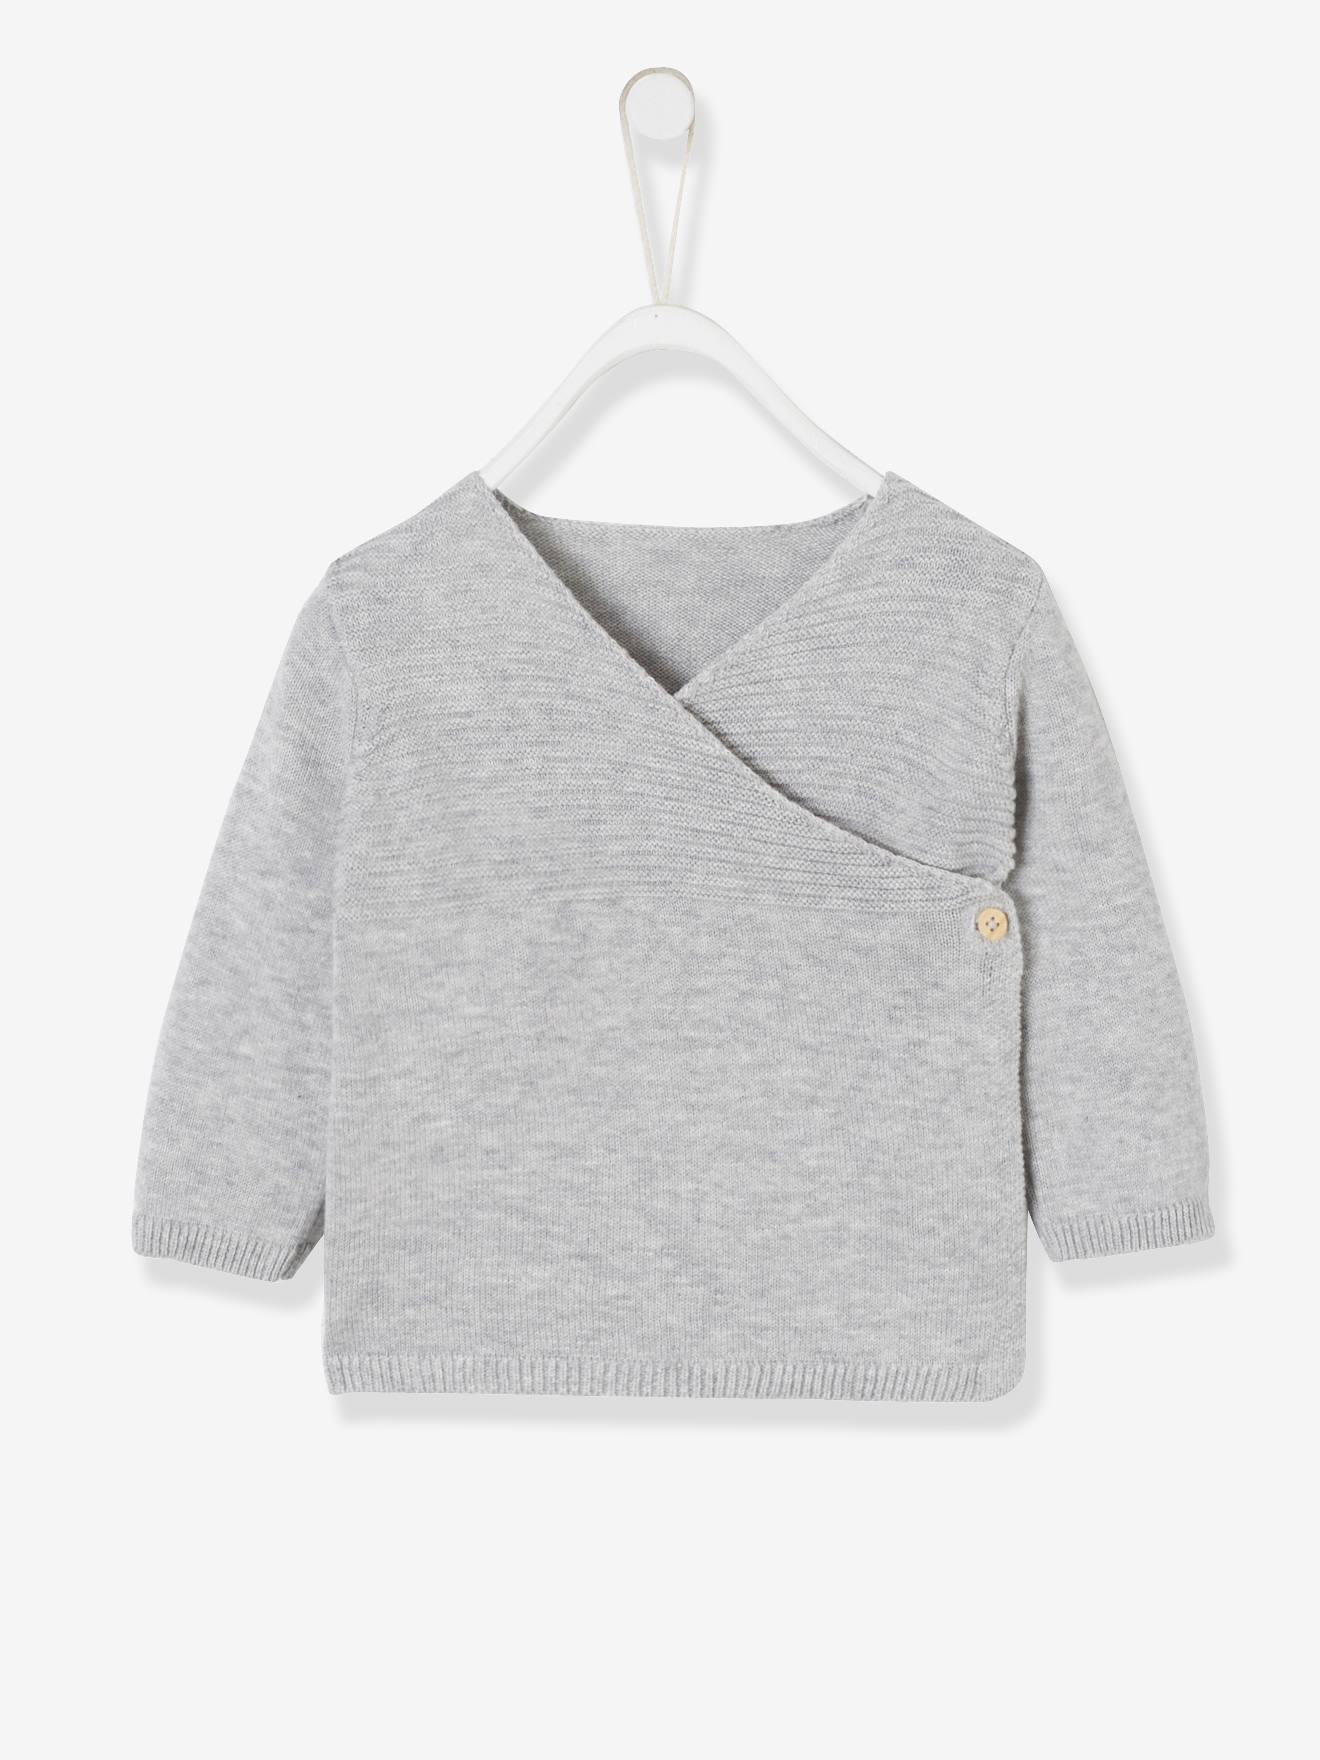 Brassière bébé naissance en tricot de coton bio gris chiné